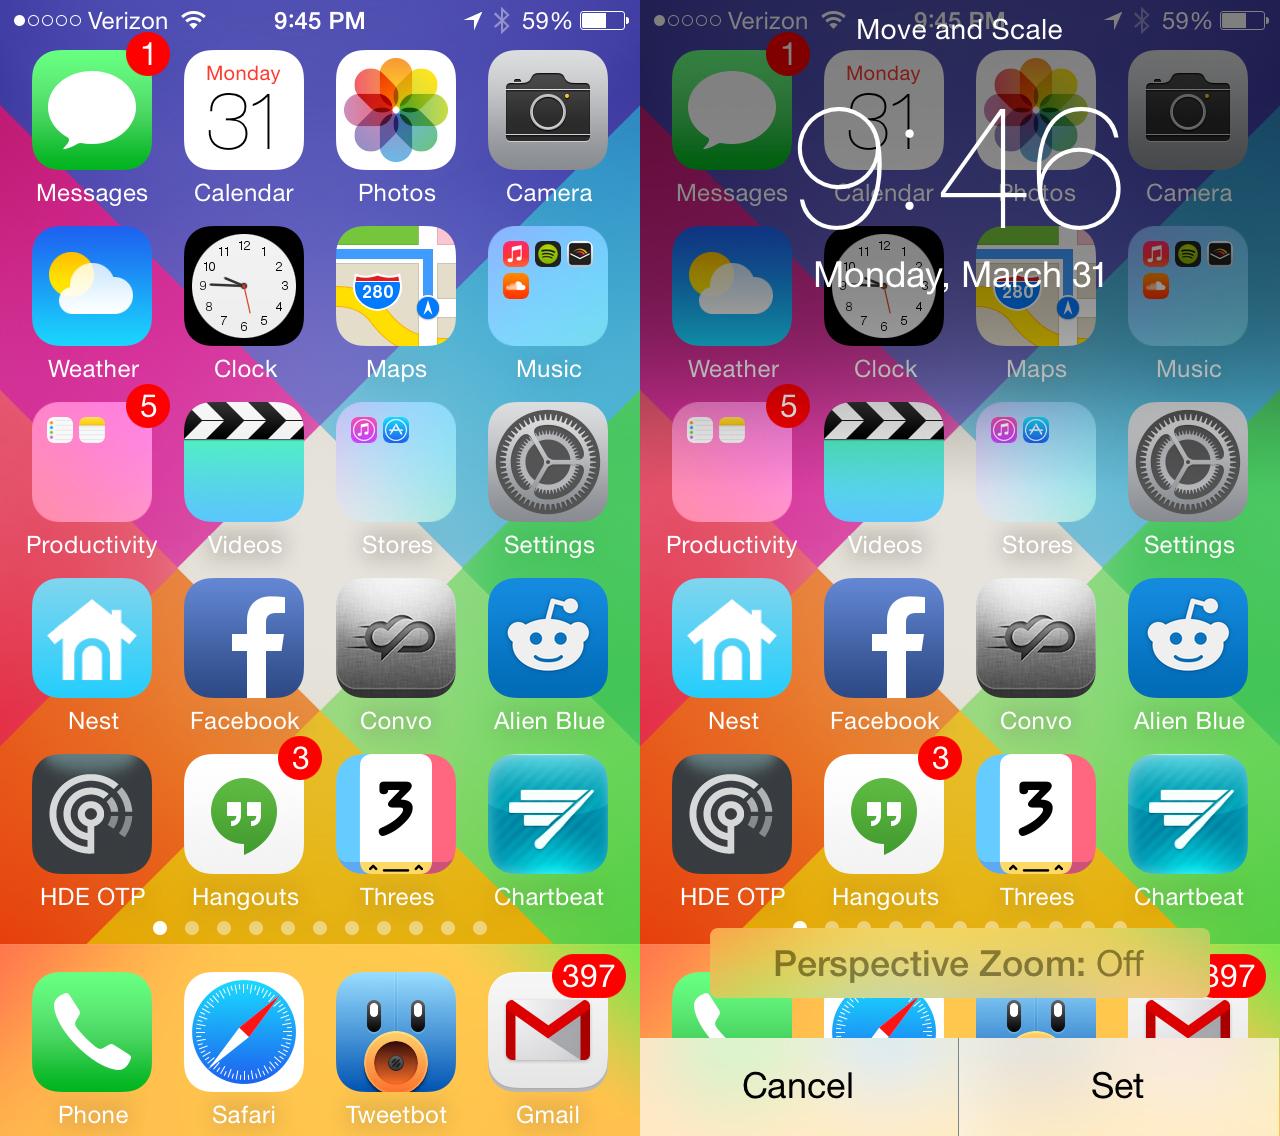 cracked iphone screen april fools ideas